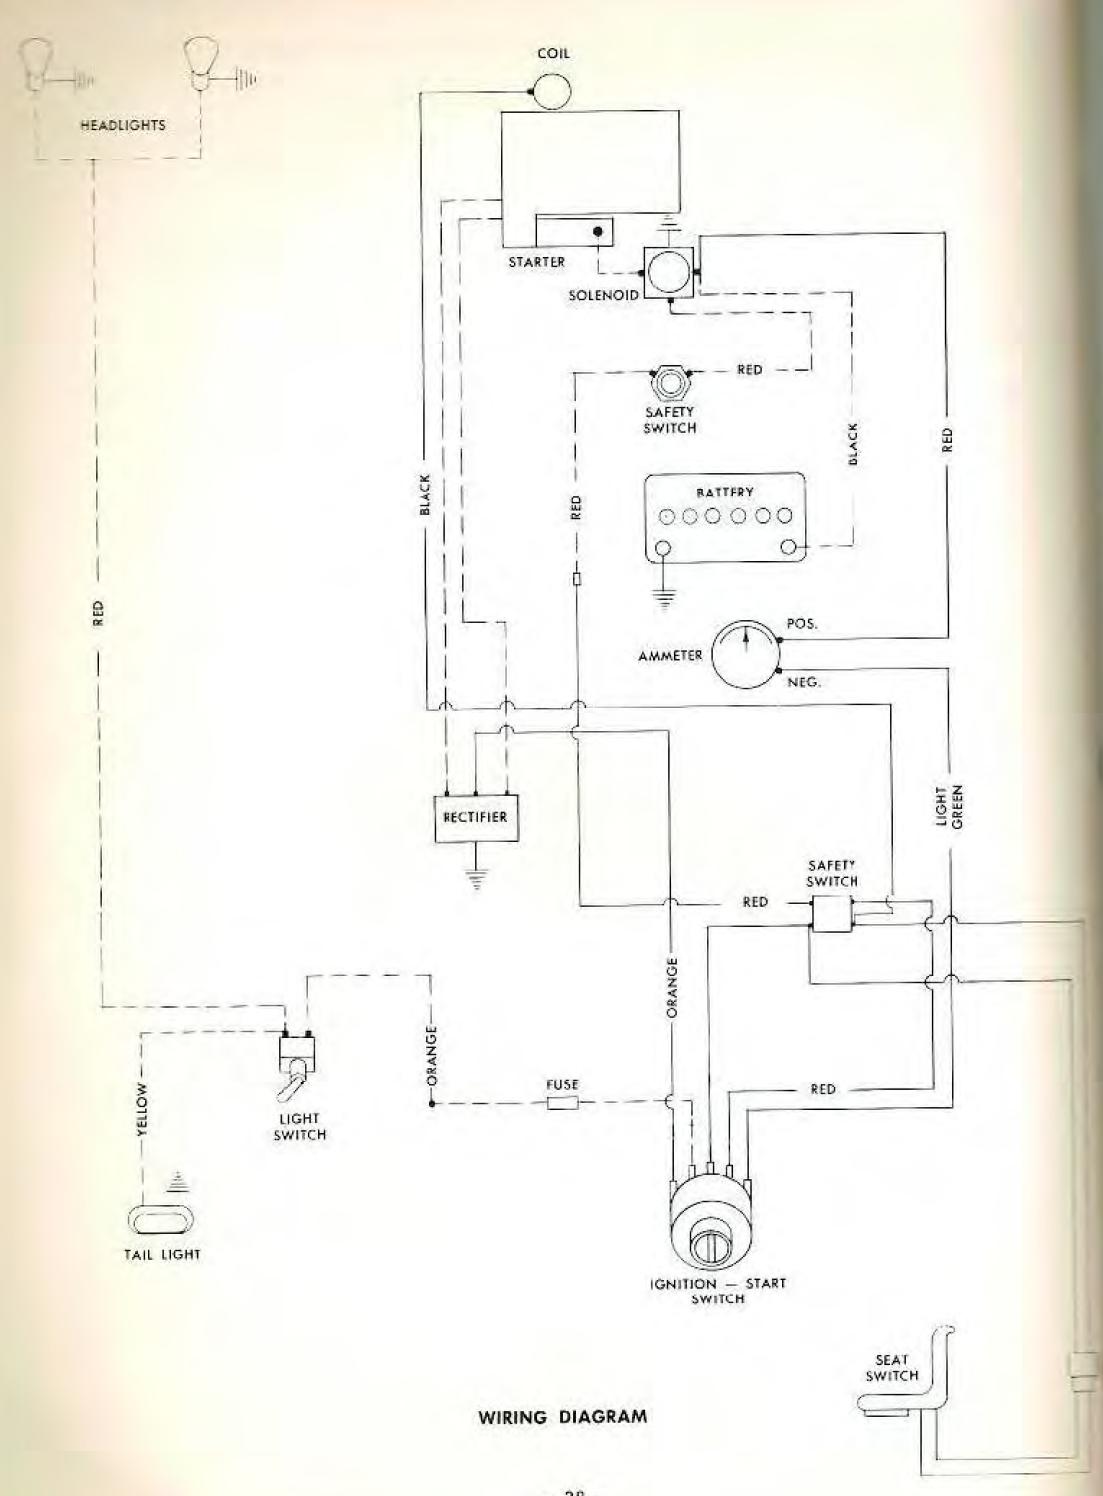 c100 wiring diagram image 3